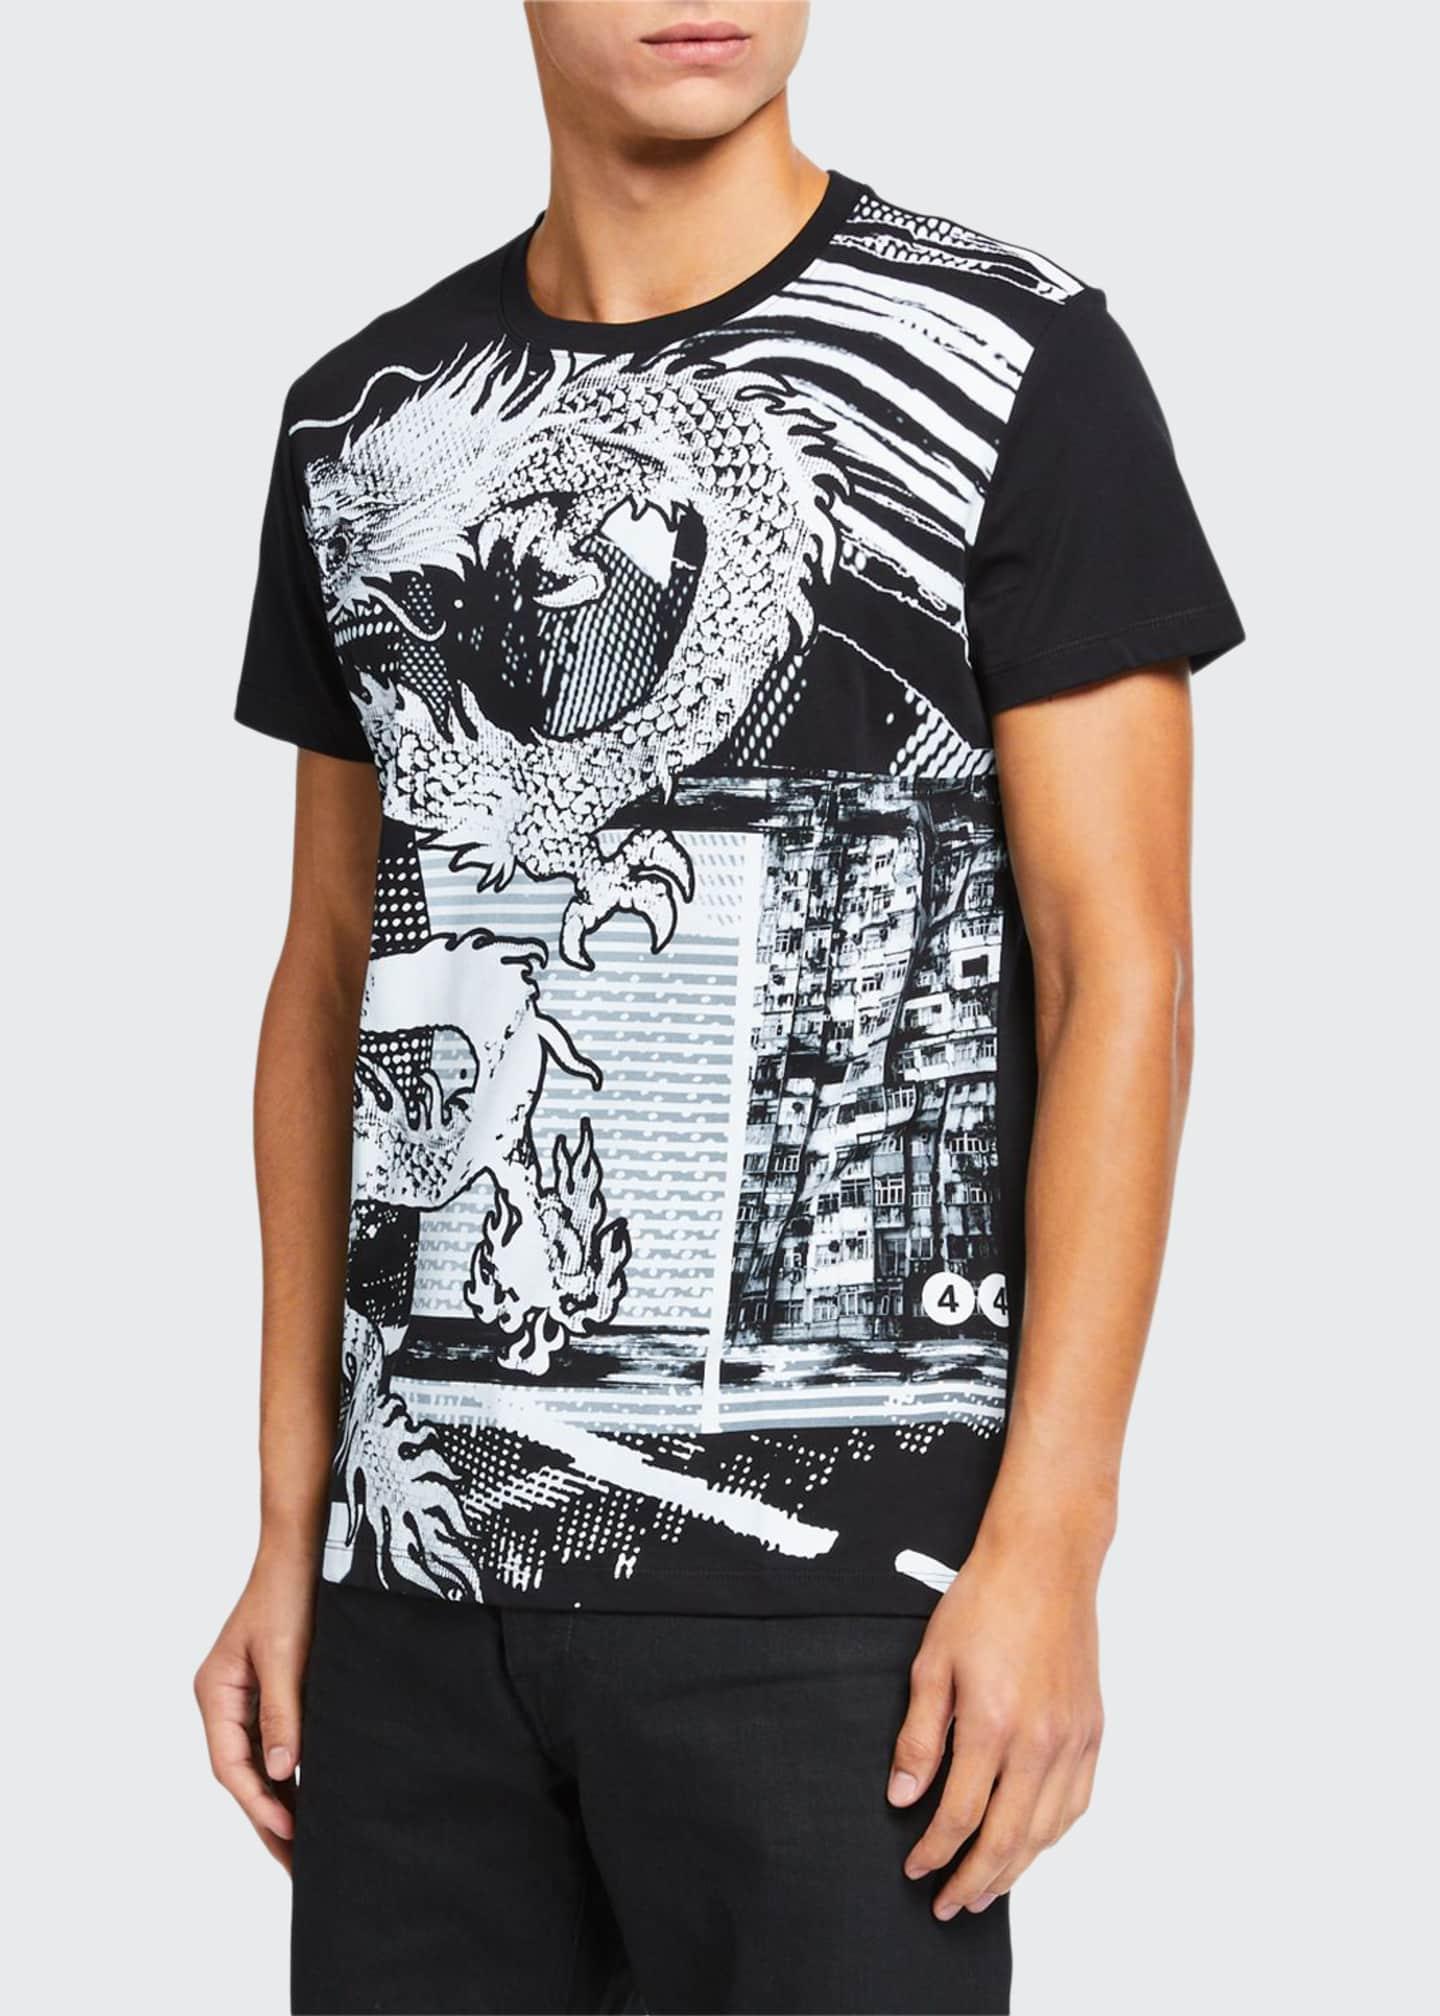 Balmain Men's Graphic Crewneck T-Shirt